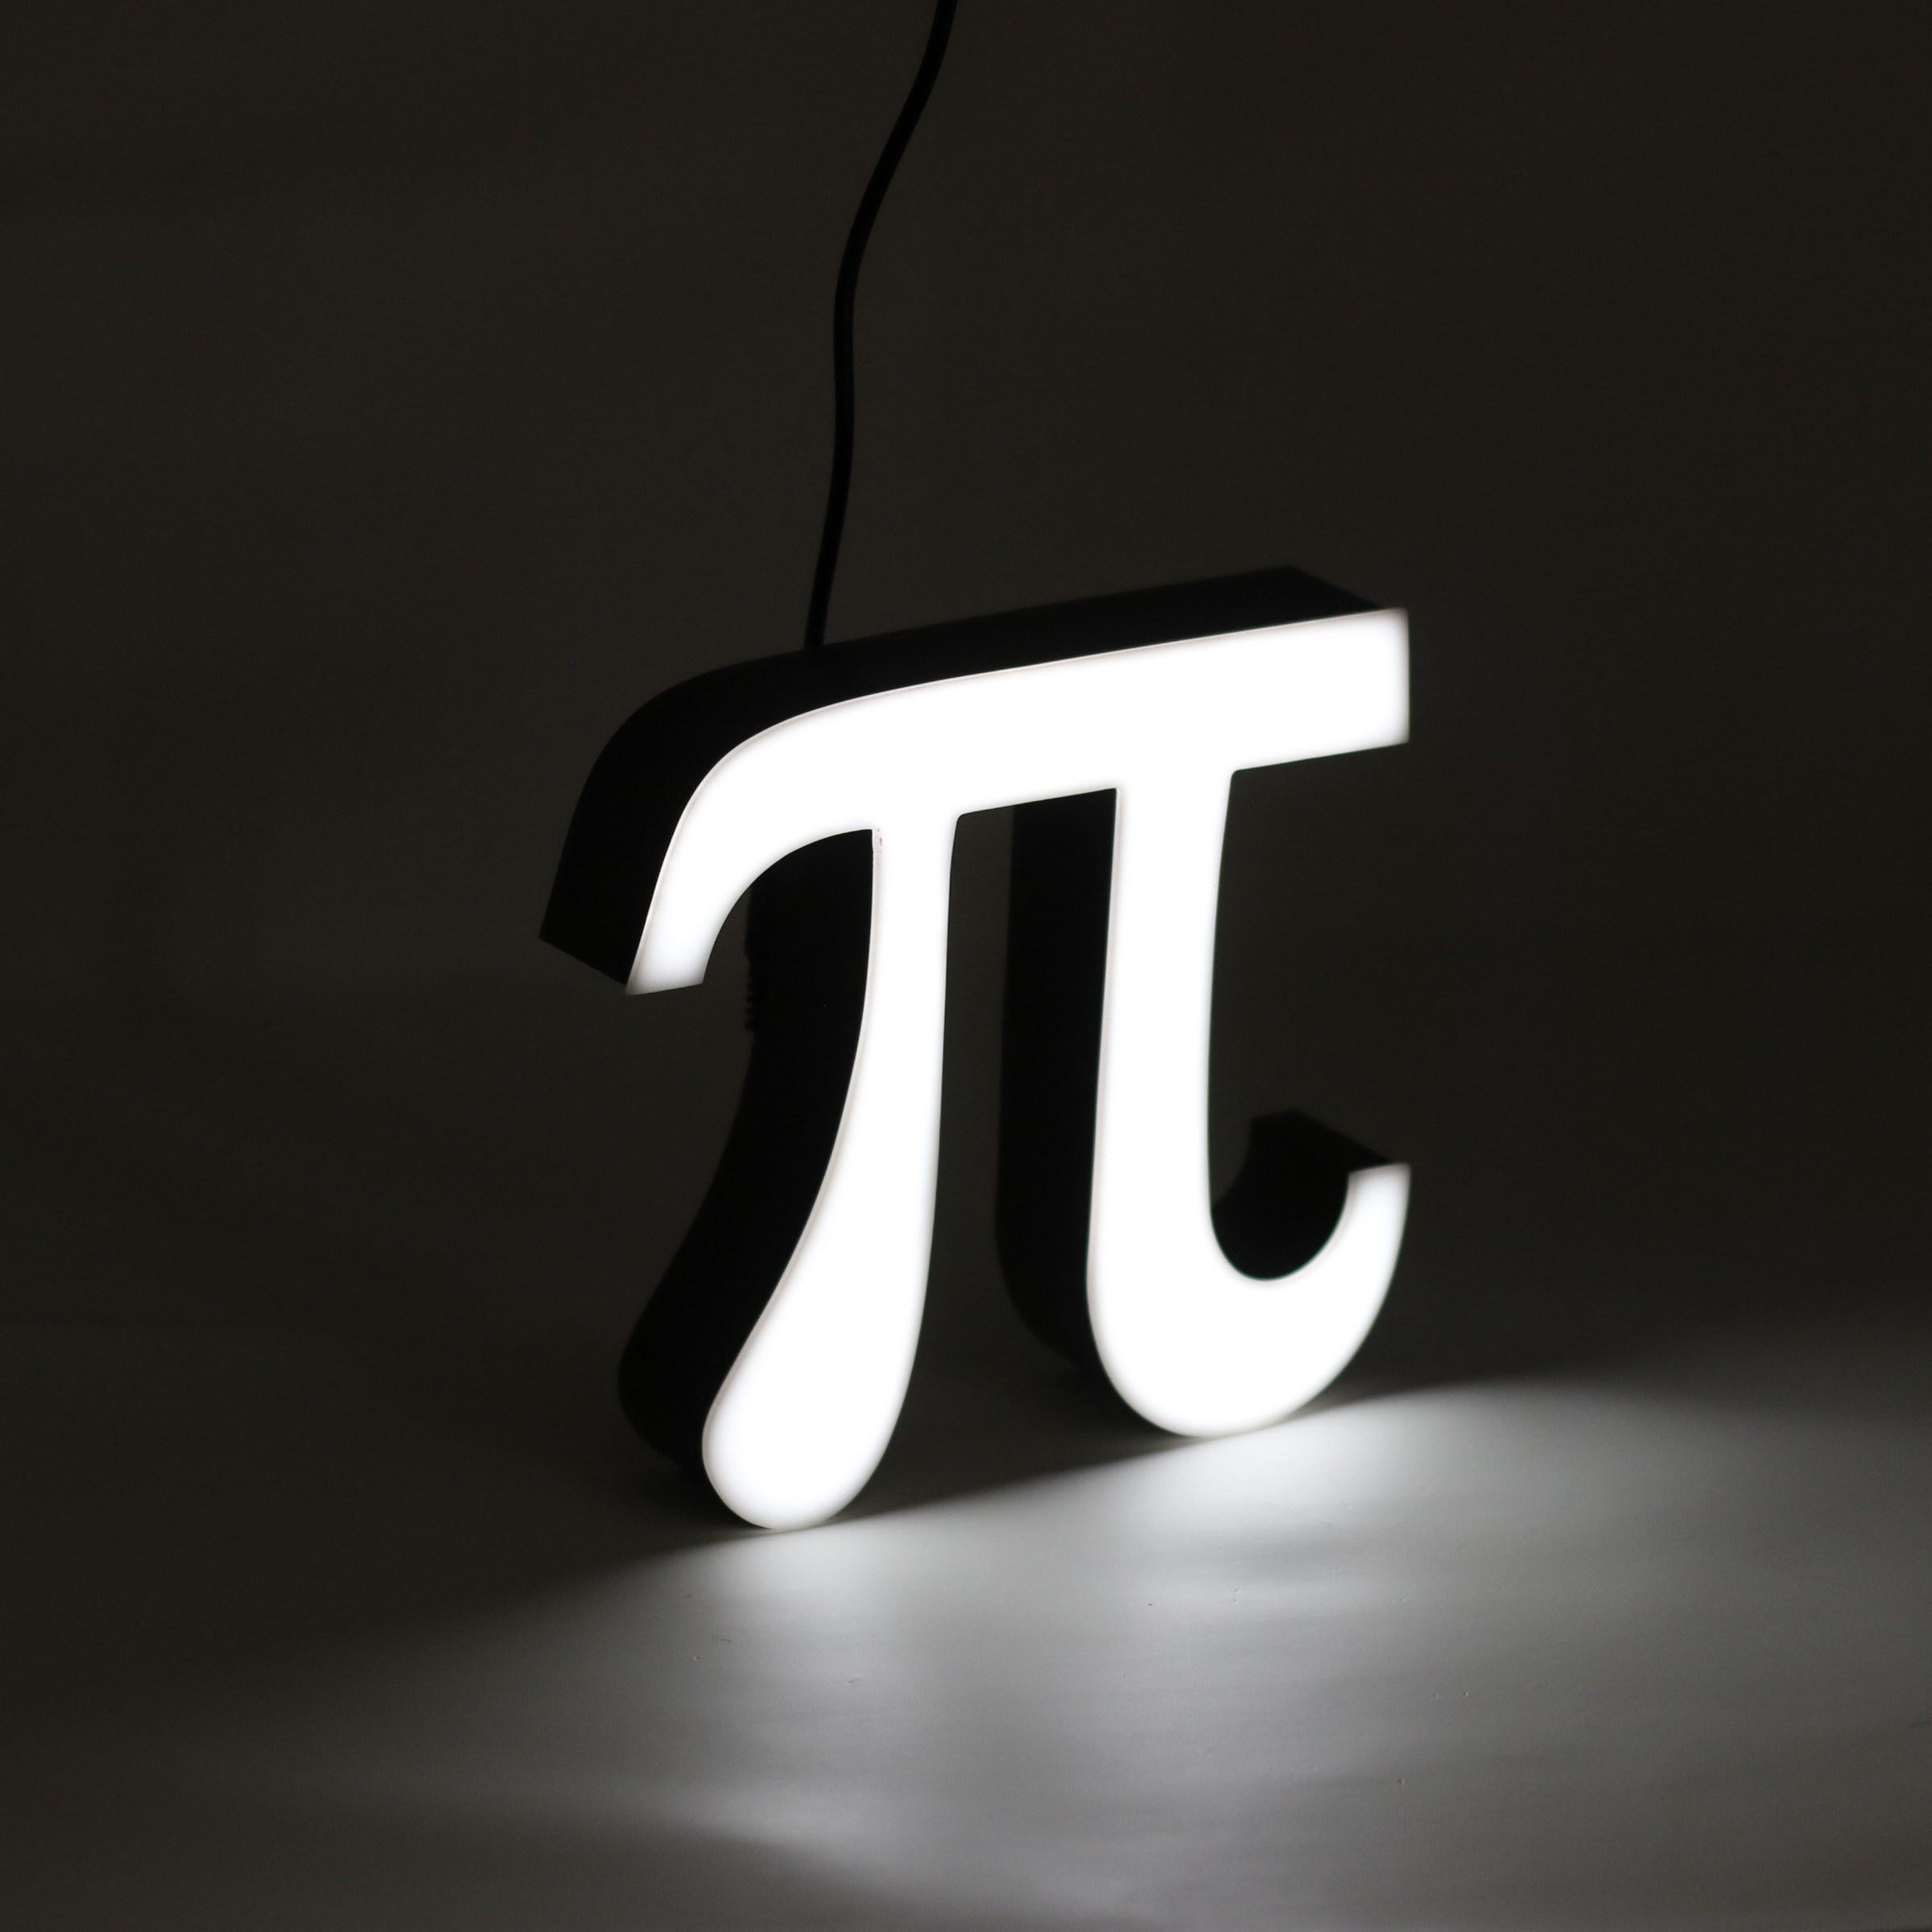 Estimate Pi with Monte Carlo 1